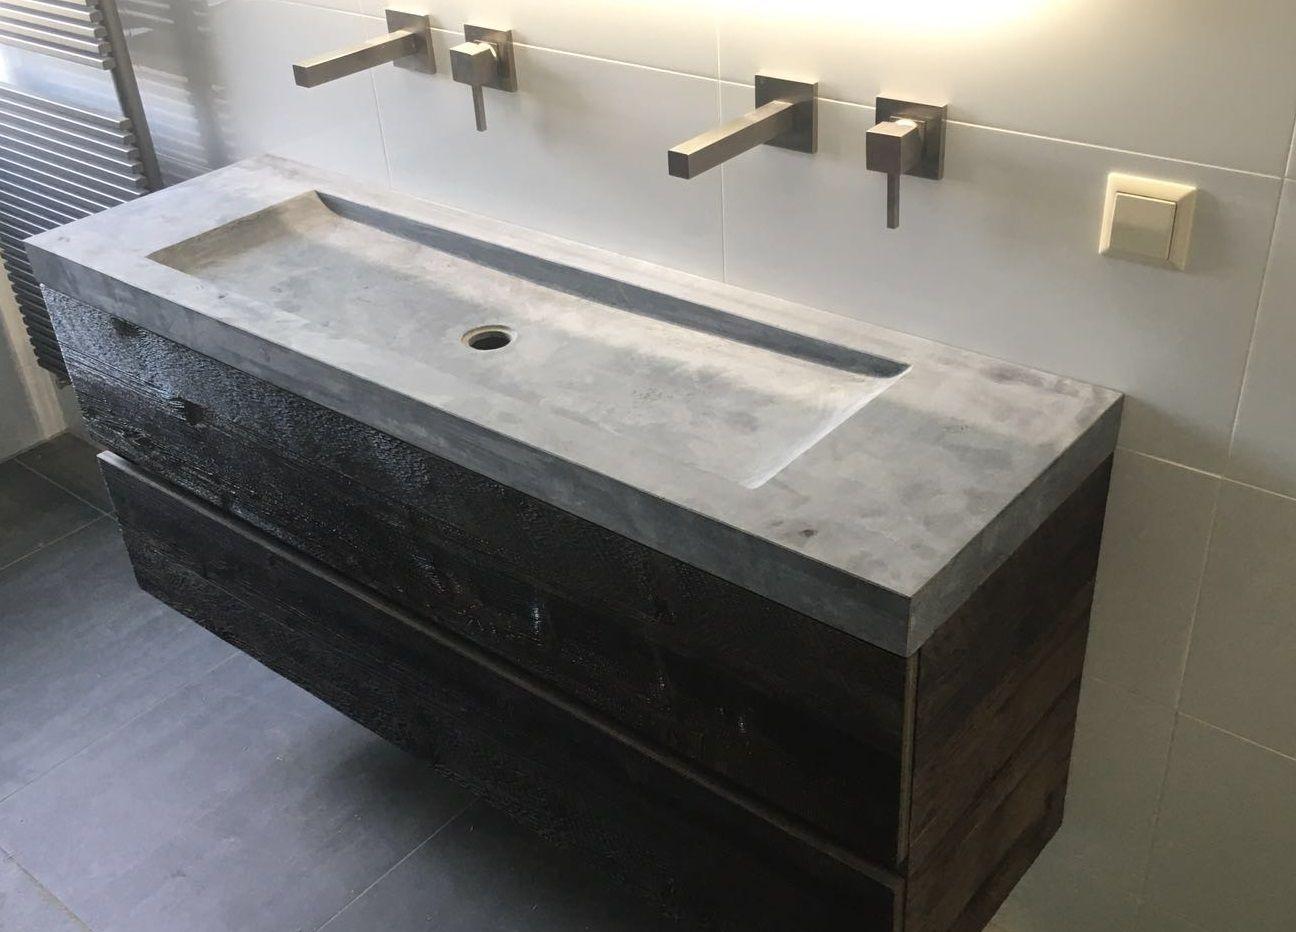 badmeubel barnwood, zwevend met wasbak van geschuurd hardsteen, Badkamer